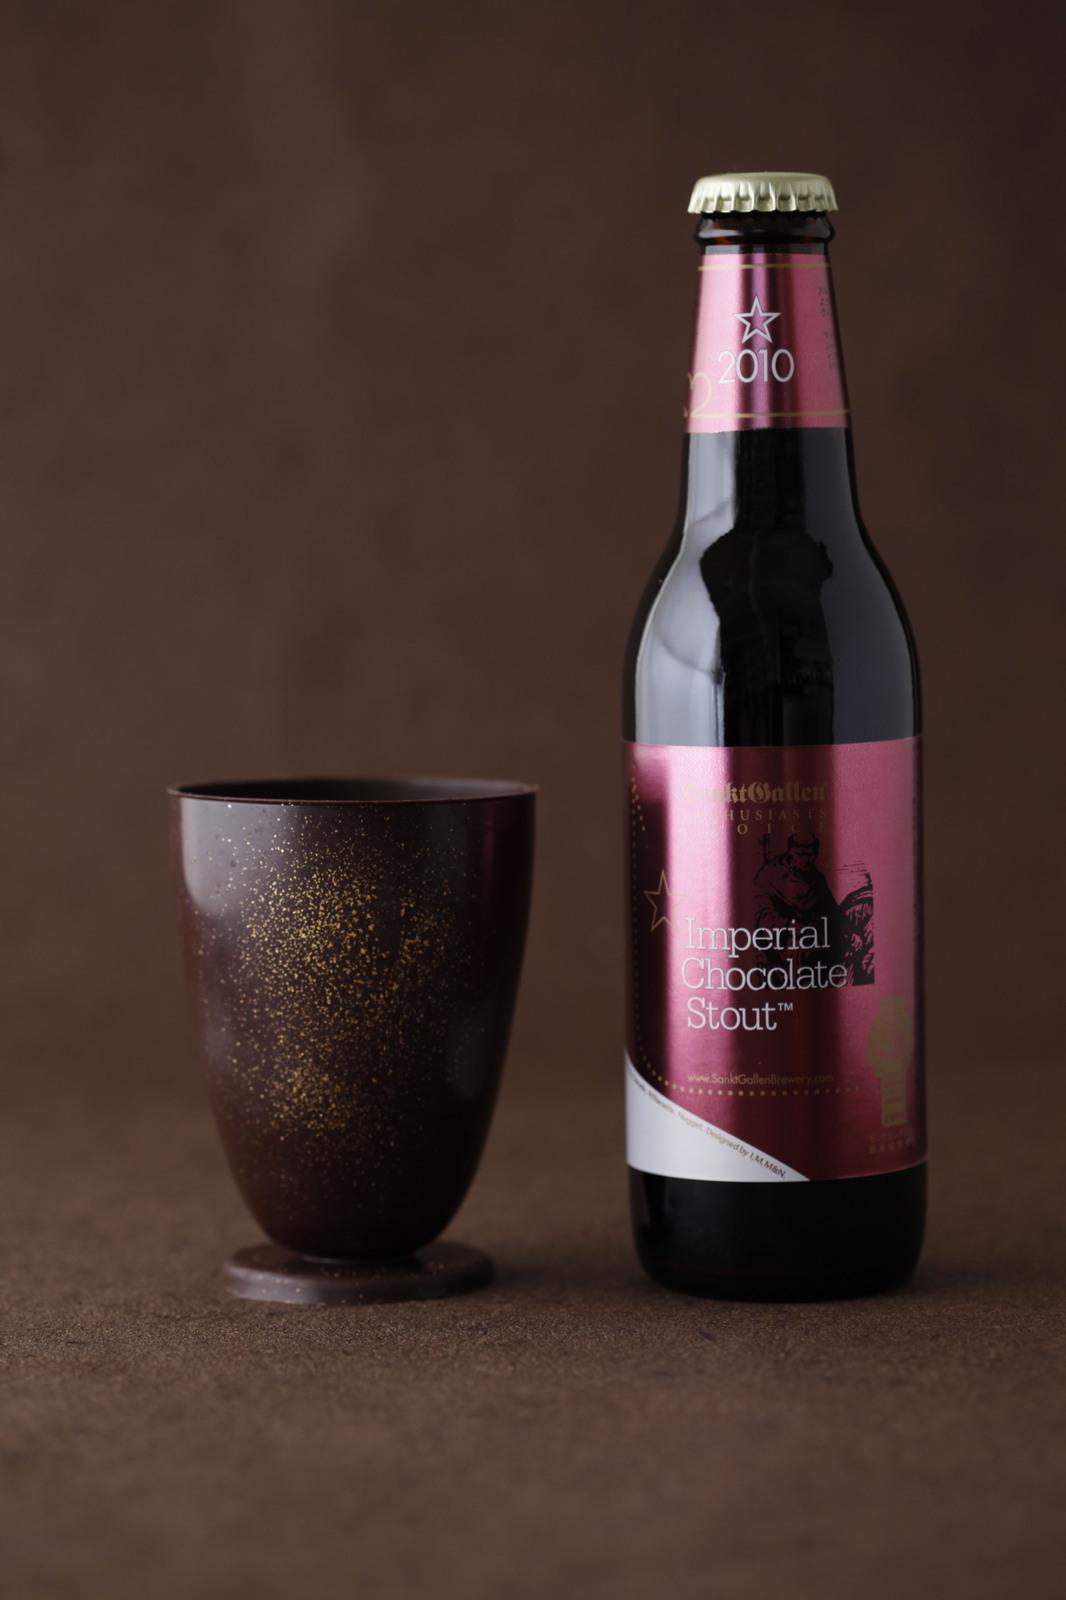 チョコレート製の食べられるグラス&チョコビール 2014年2月3日(月)より600セット限定発売